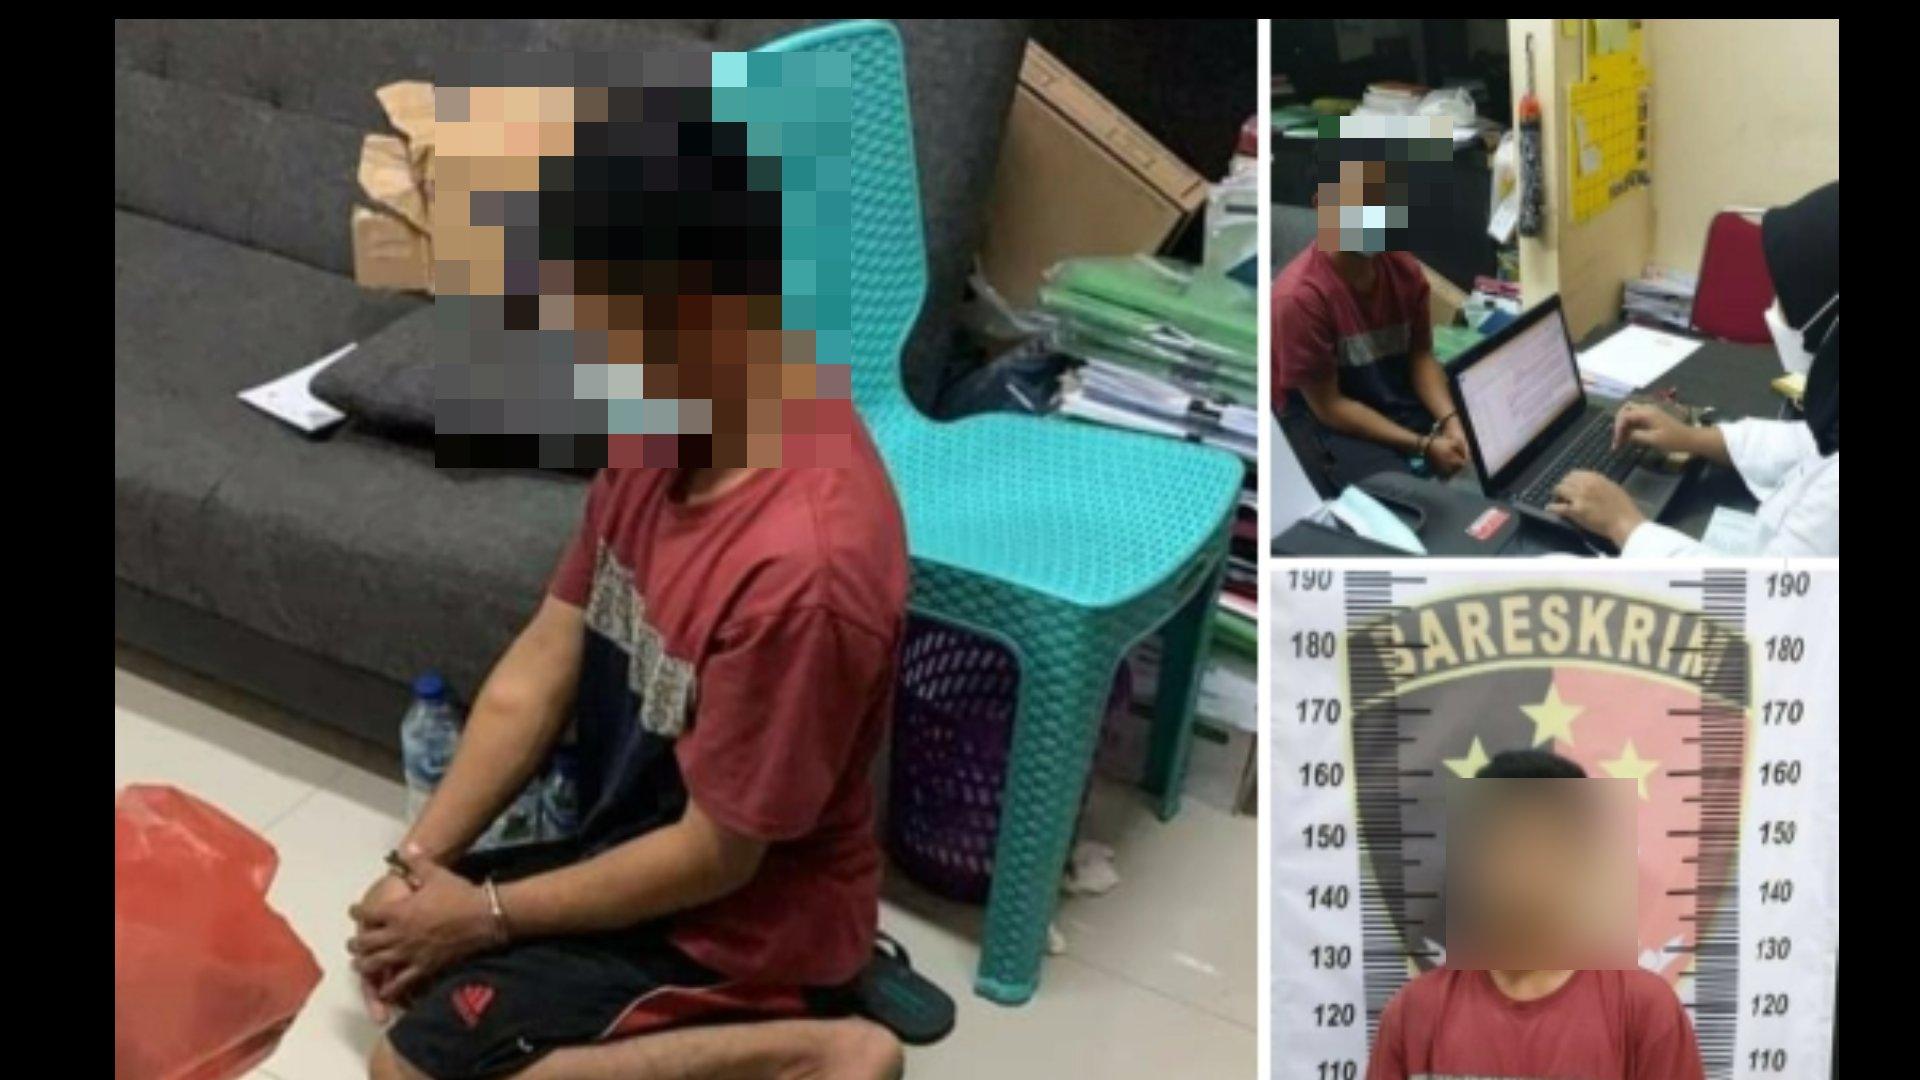 Polresta Tangerang Bekuk Pelaku Kekerasan Pada Anak, Videonya Sempat Viral